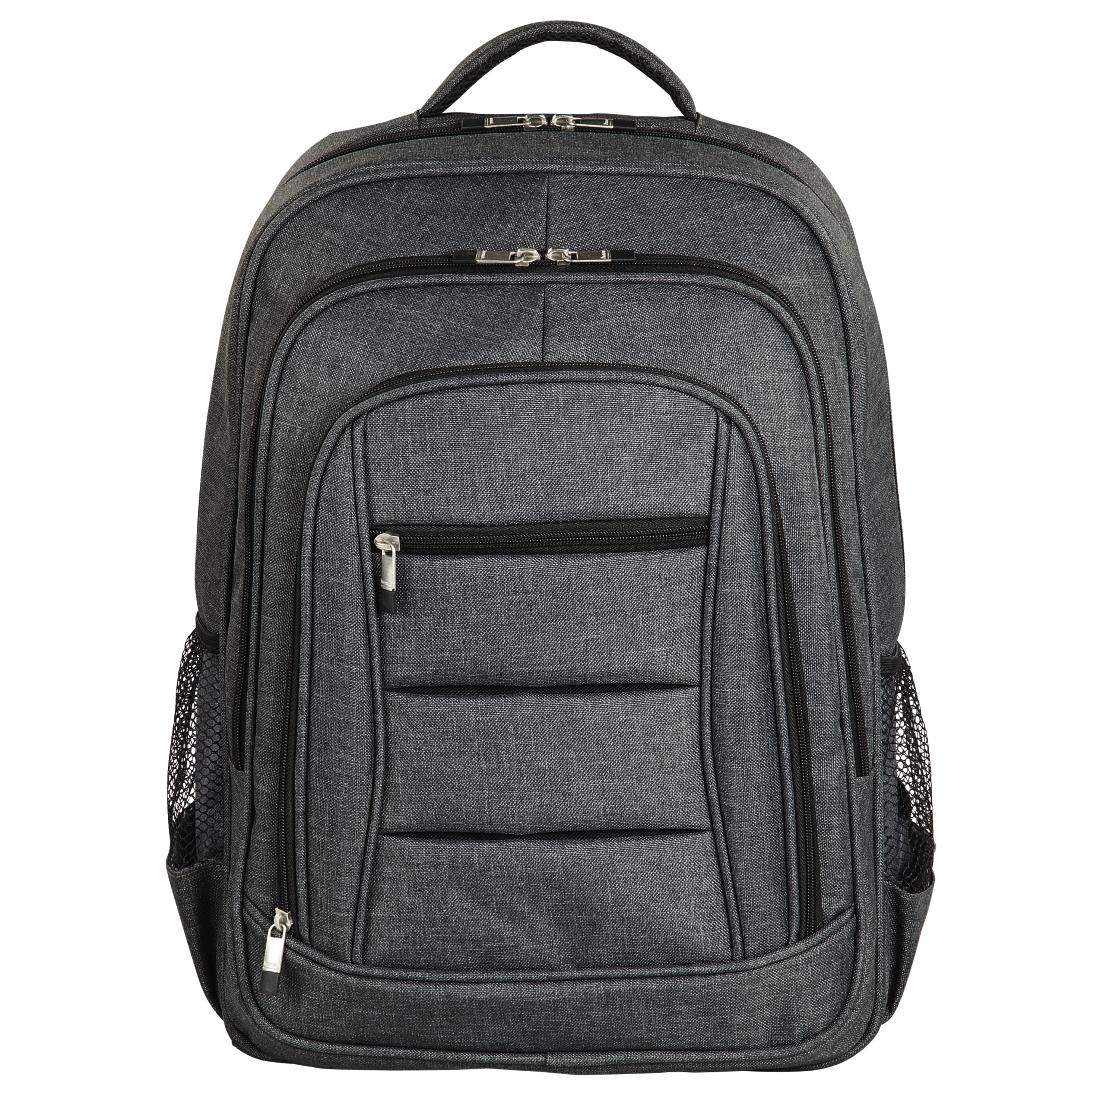 00101578 Hama Notebook Rucksack